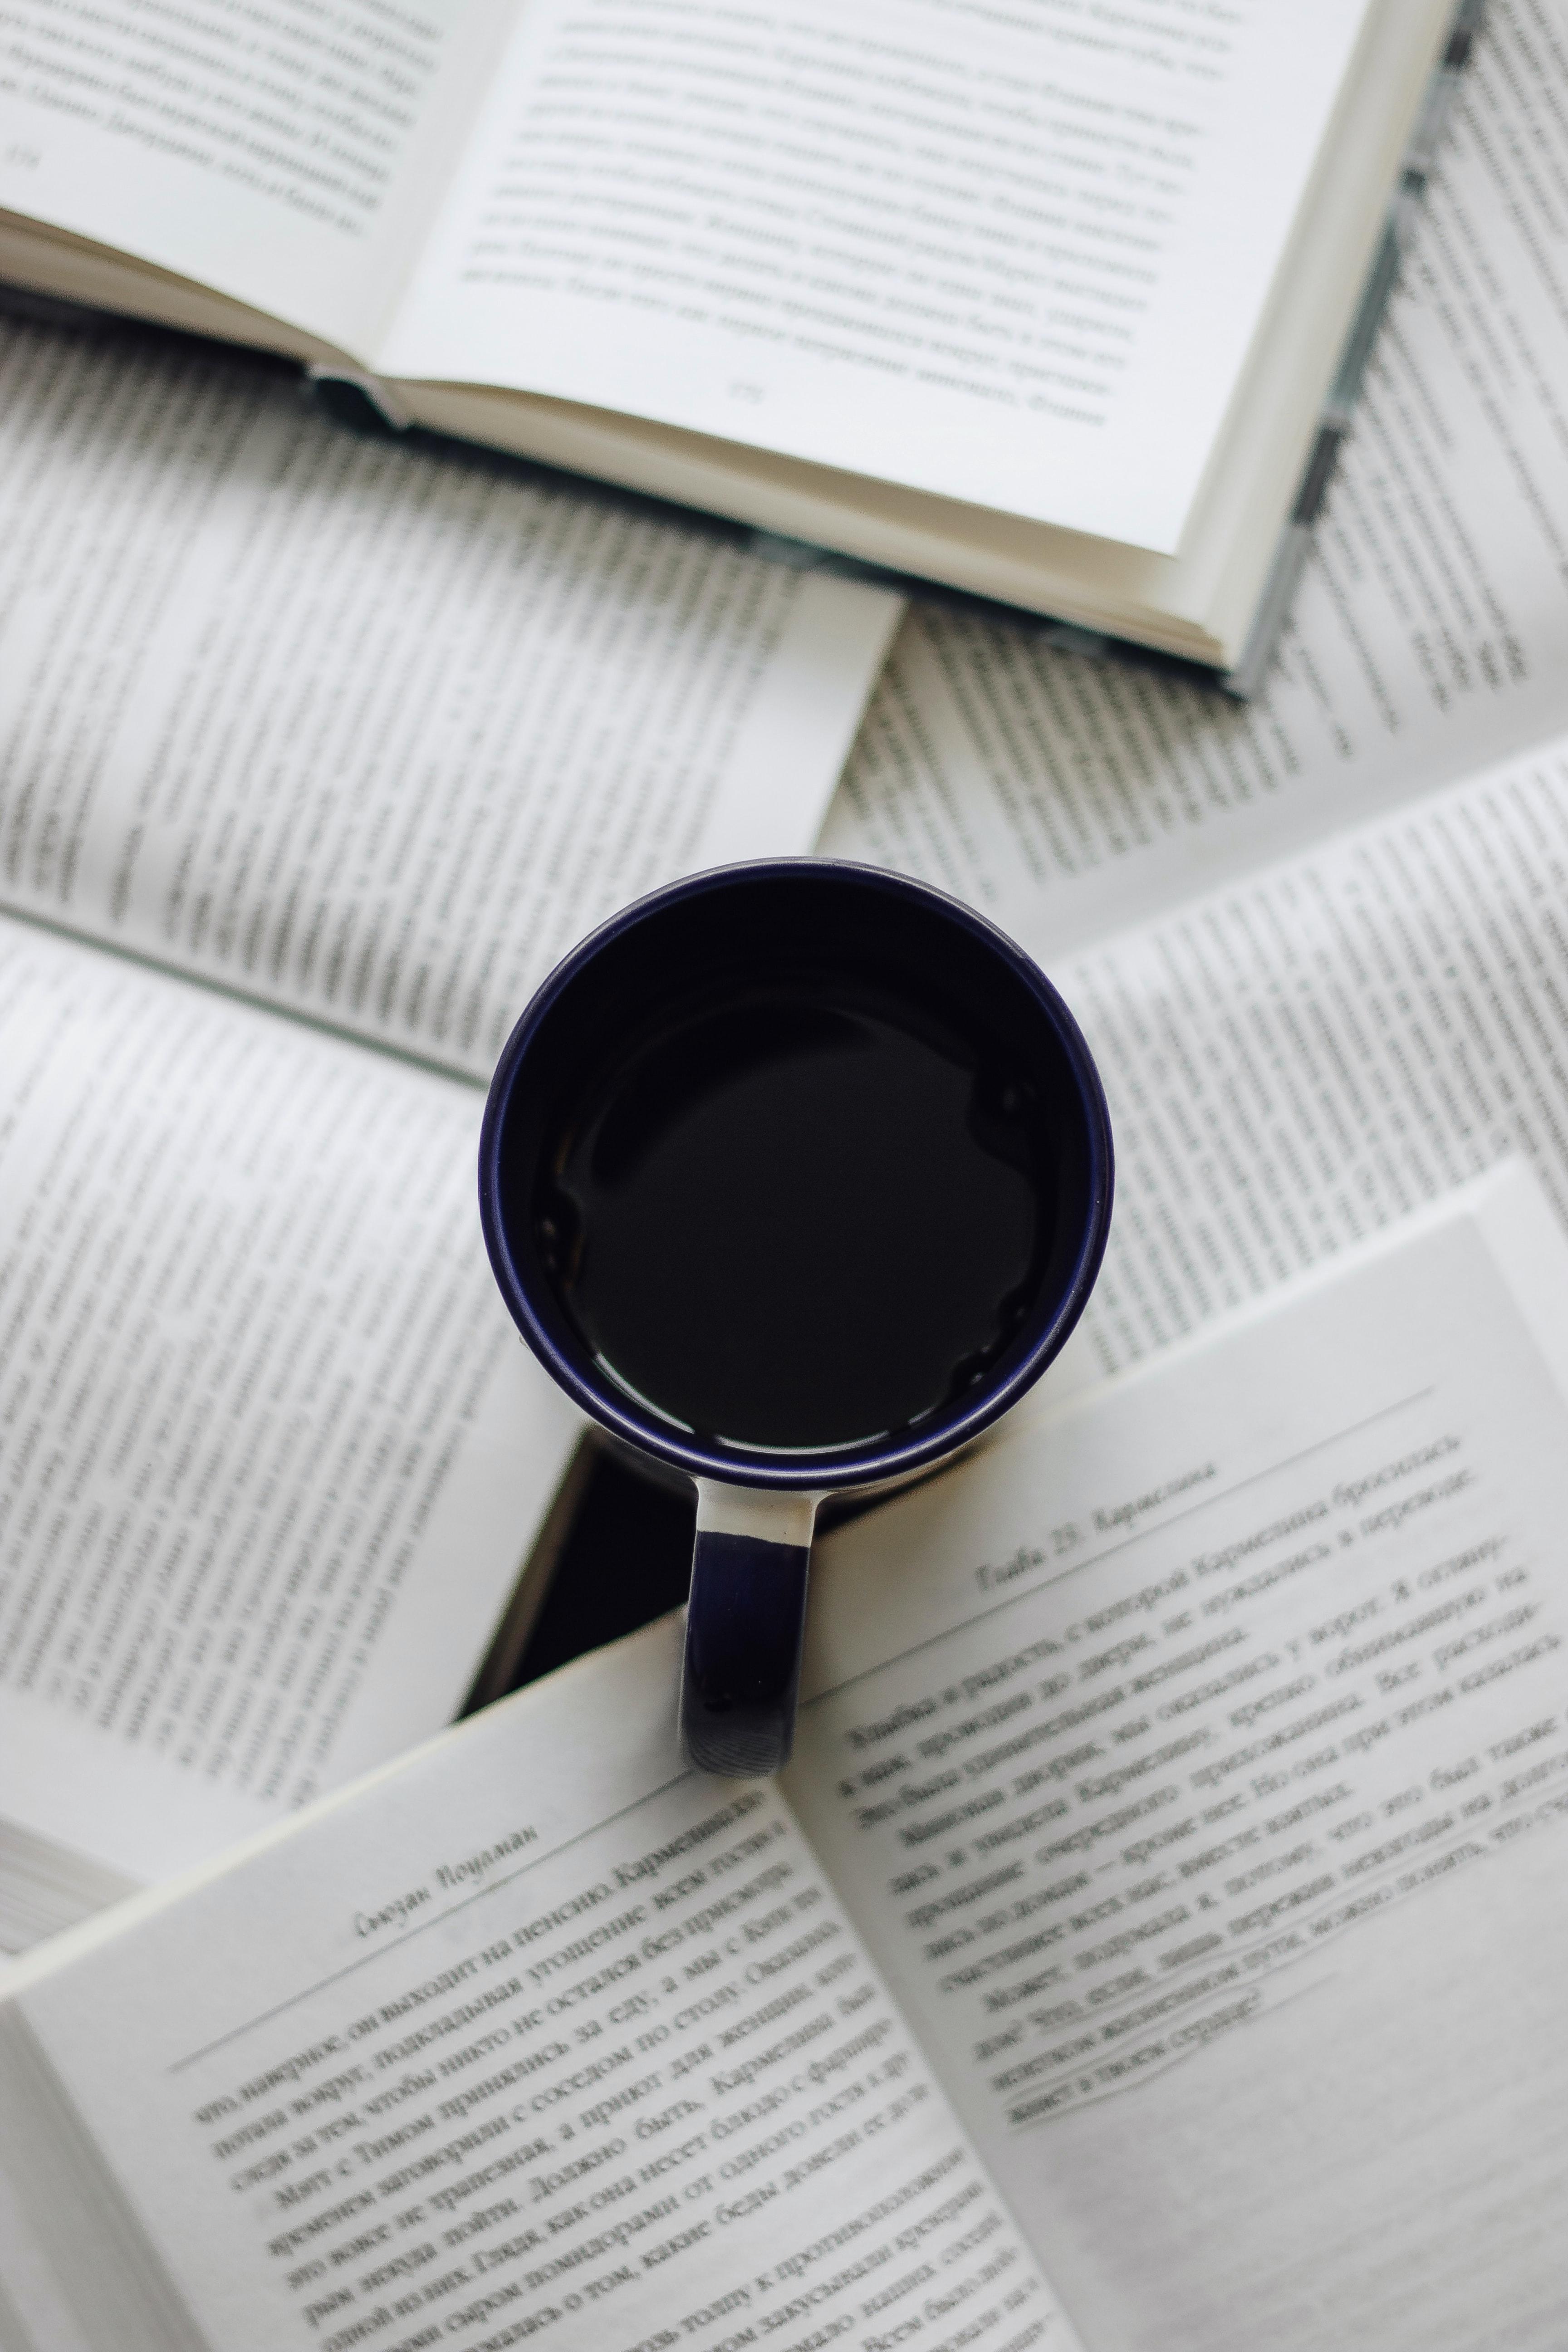 116837 скачать обои Разное, Чашка, Кофе, Книги, Текст - заставки и картинки бесплатно